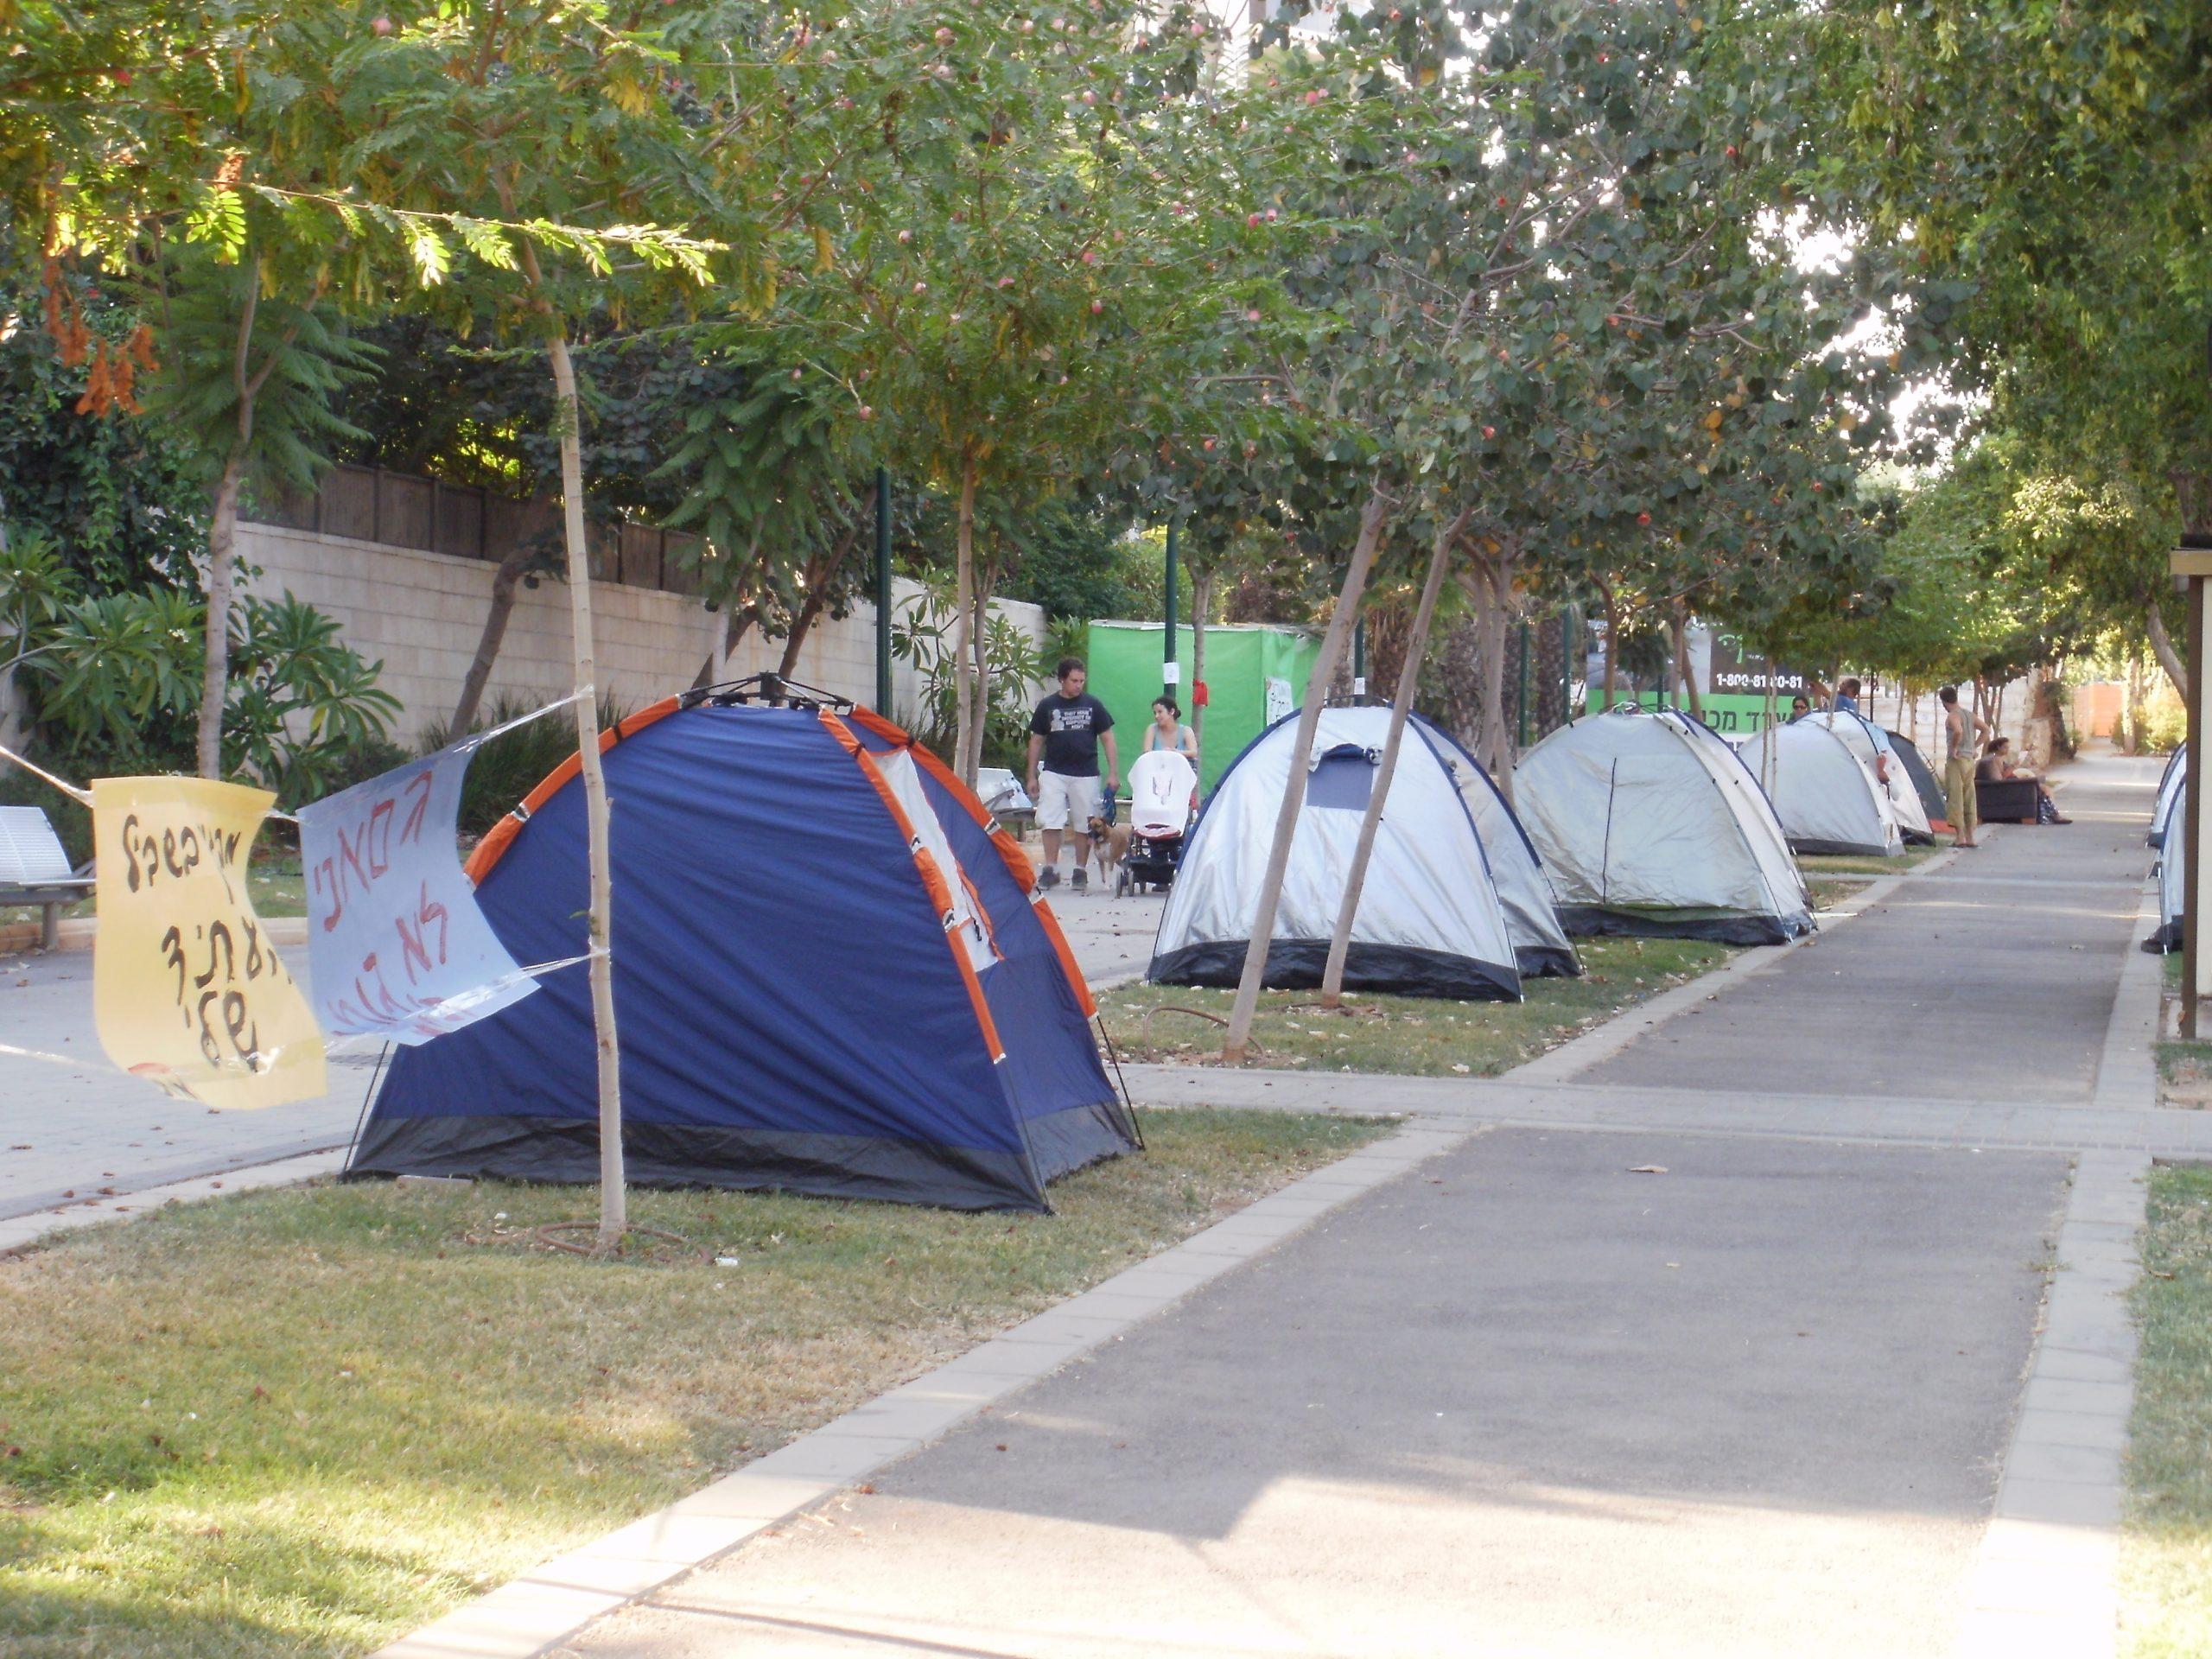 מספר אוהלים ברחוב בקרית אונו בשנת 2011, מחאת הדיור הציבורי